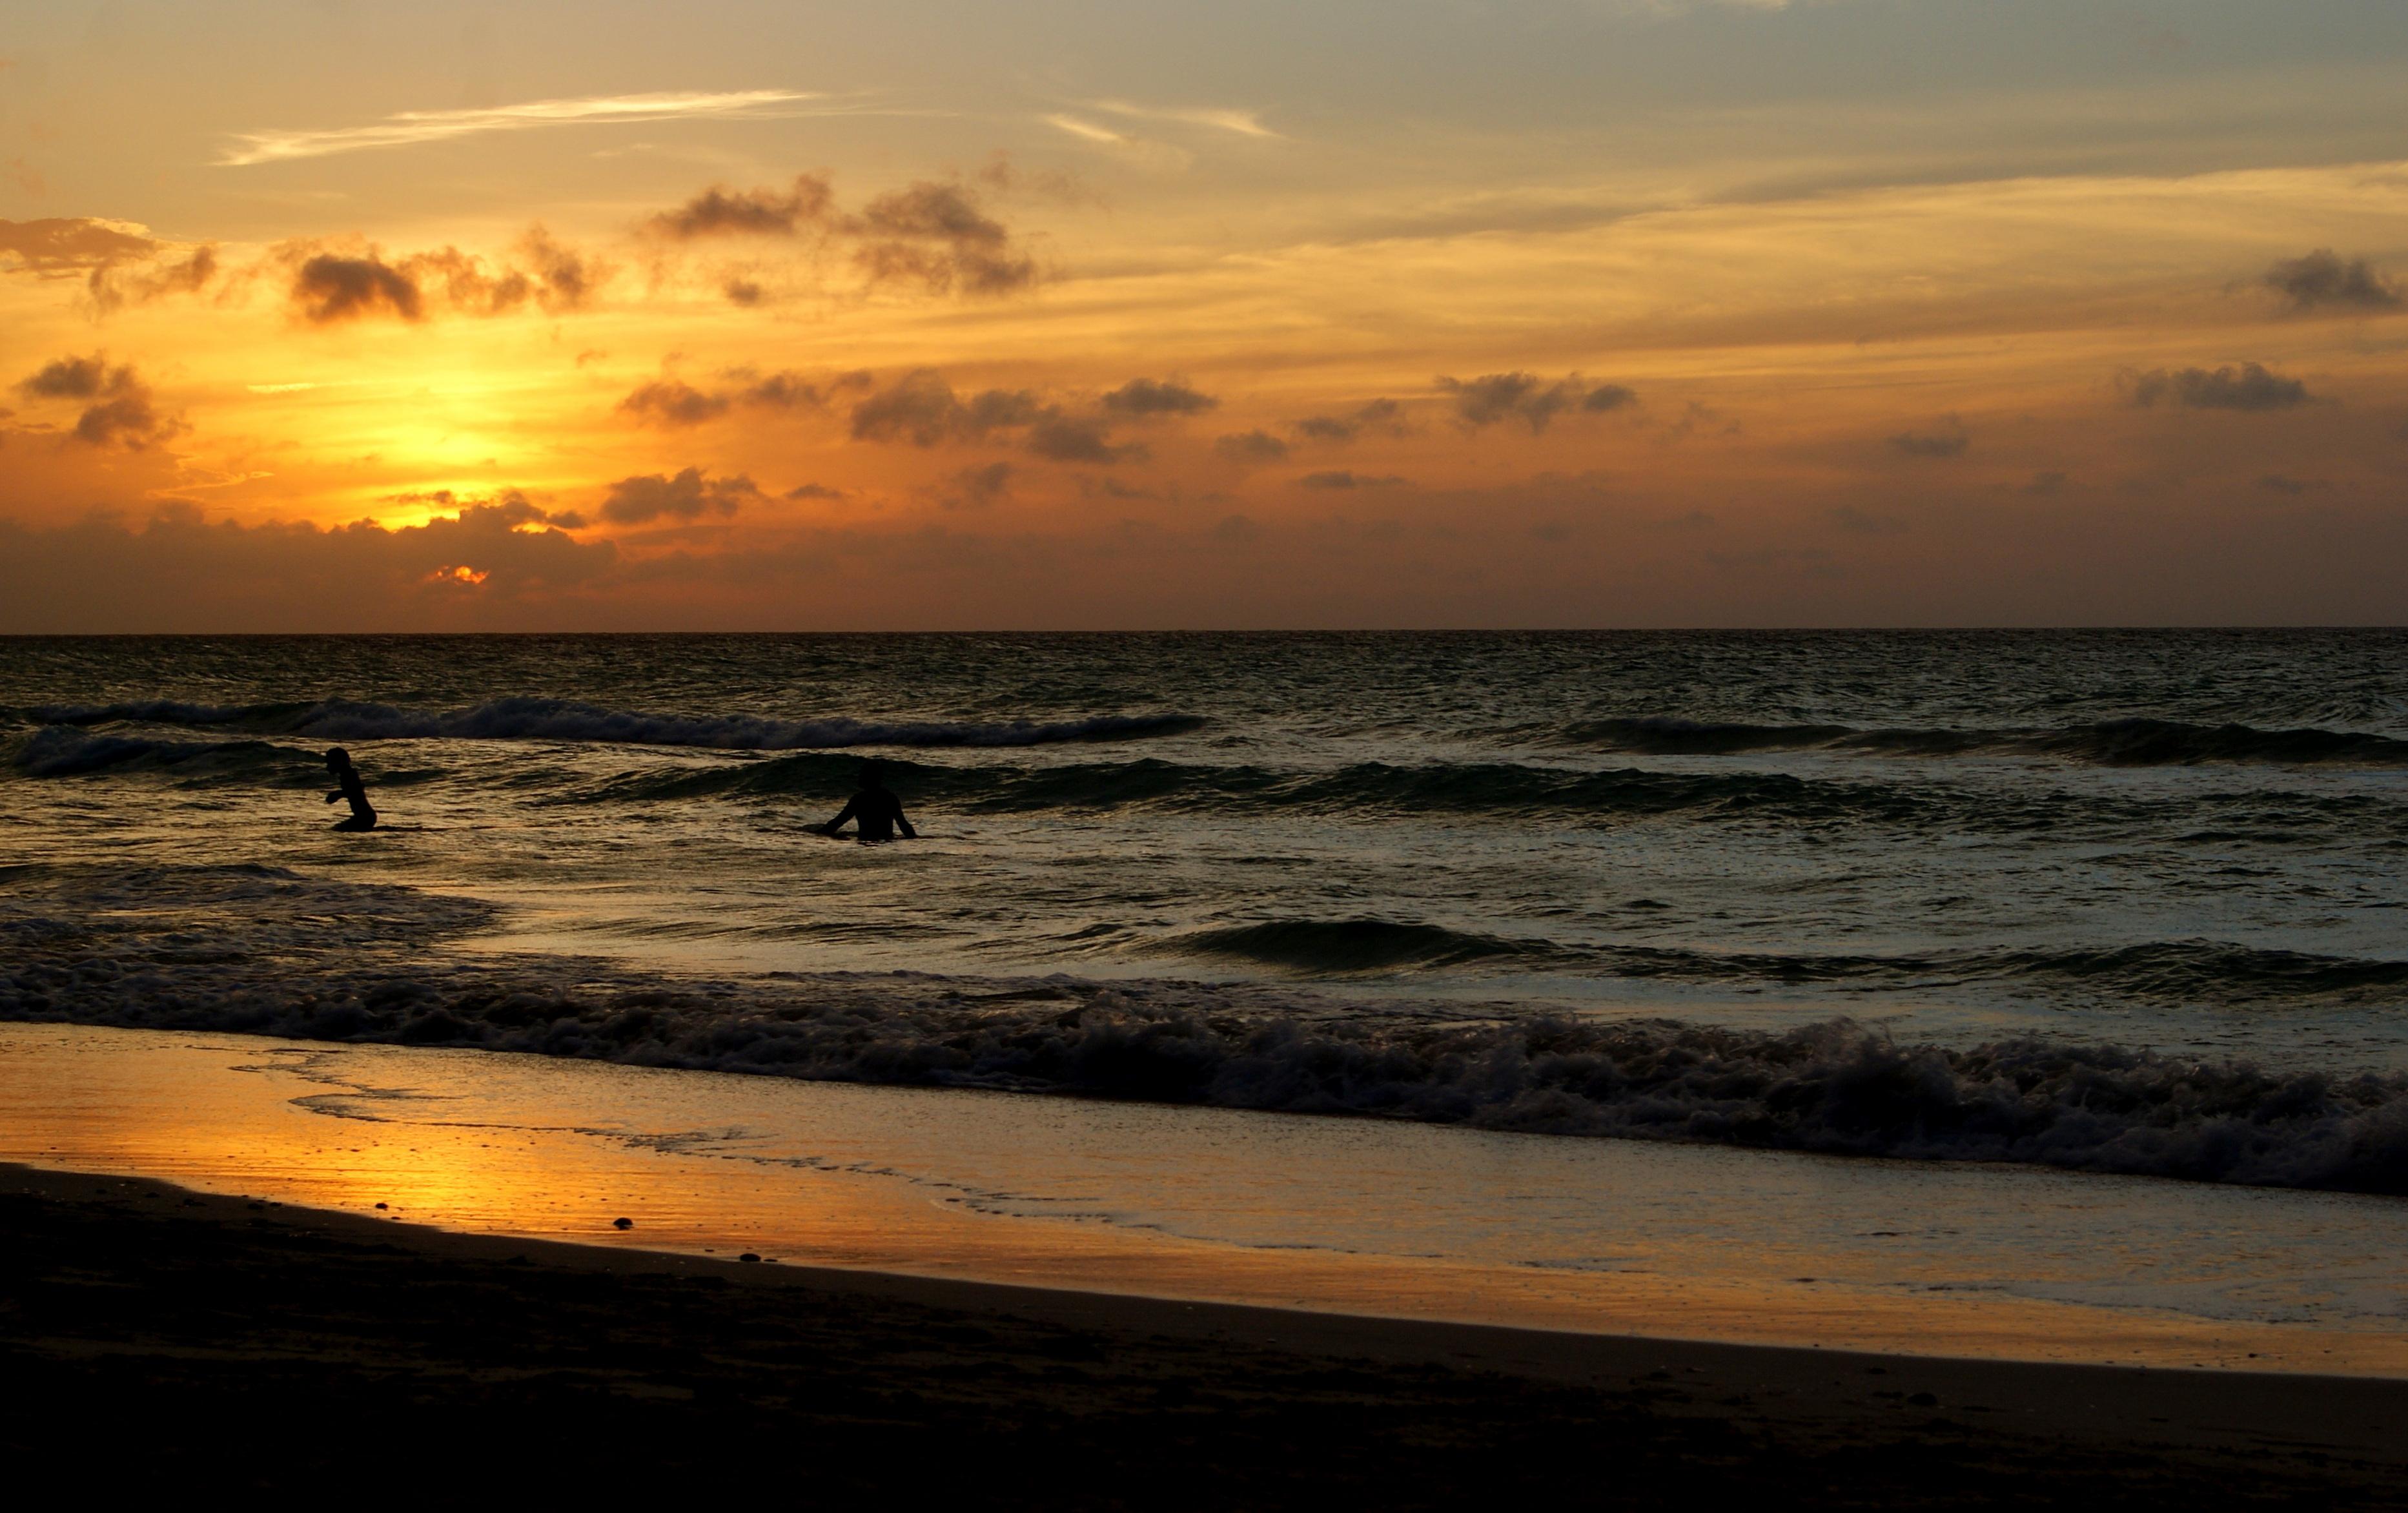 cuba sunset, sunset varadero, varadero sun, caribbean sunset